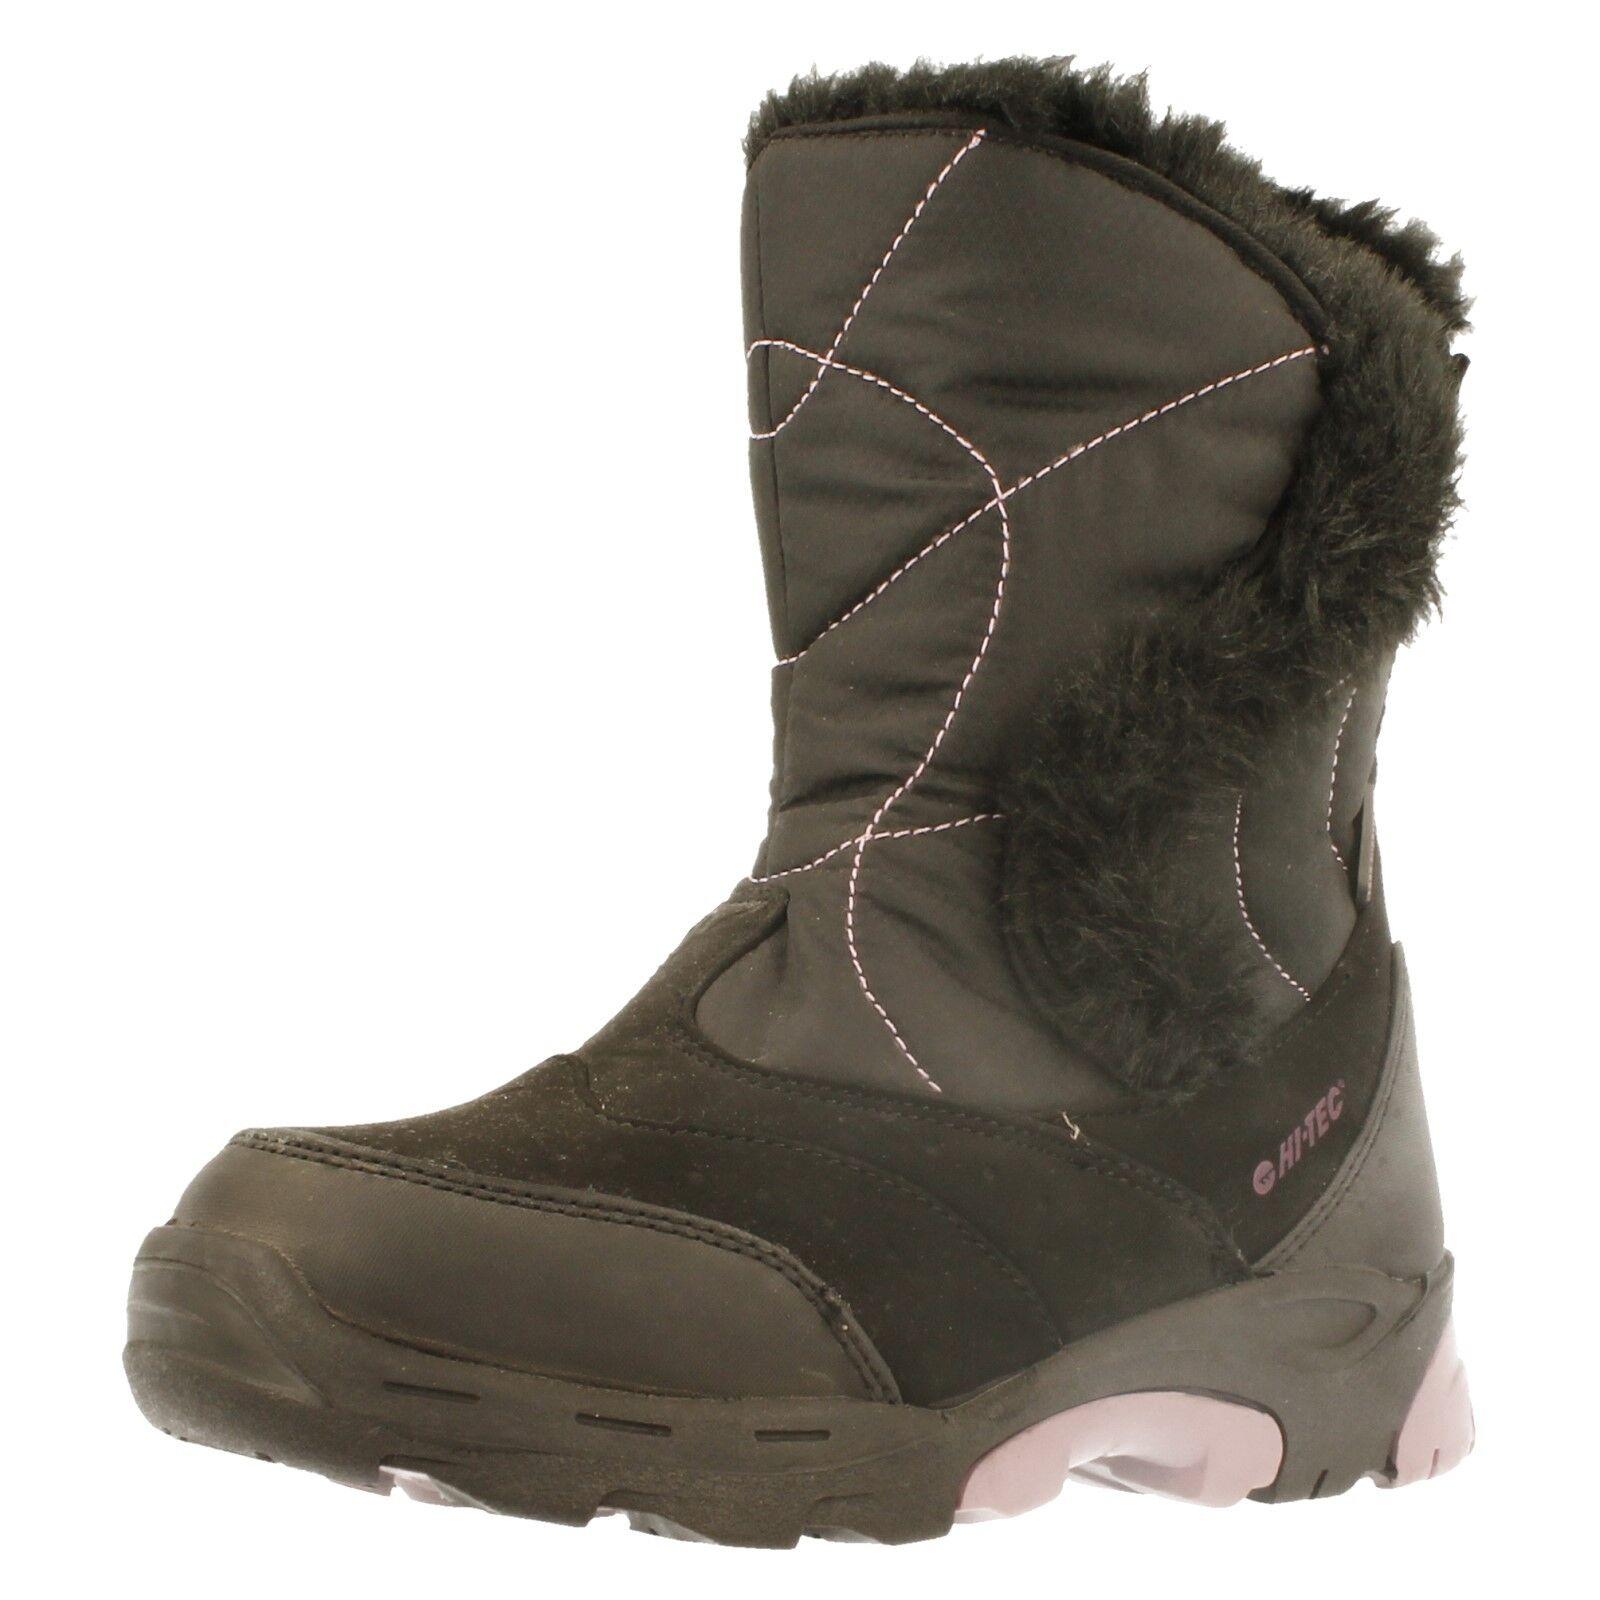 Ladies Hi-Tec Snow Boots - Park City